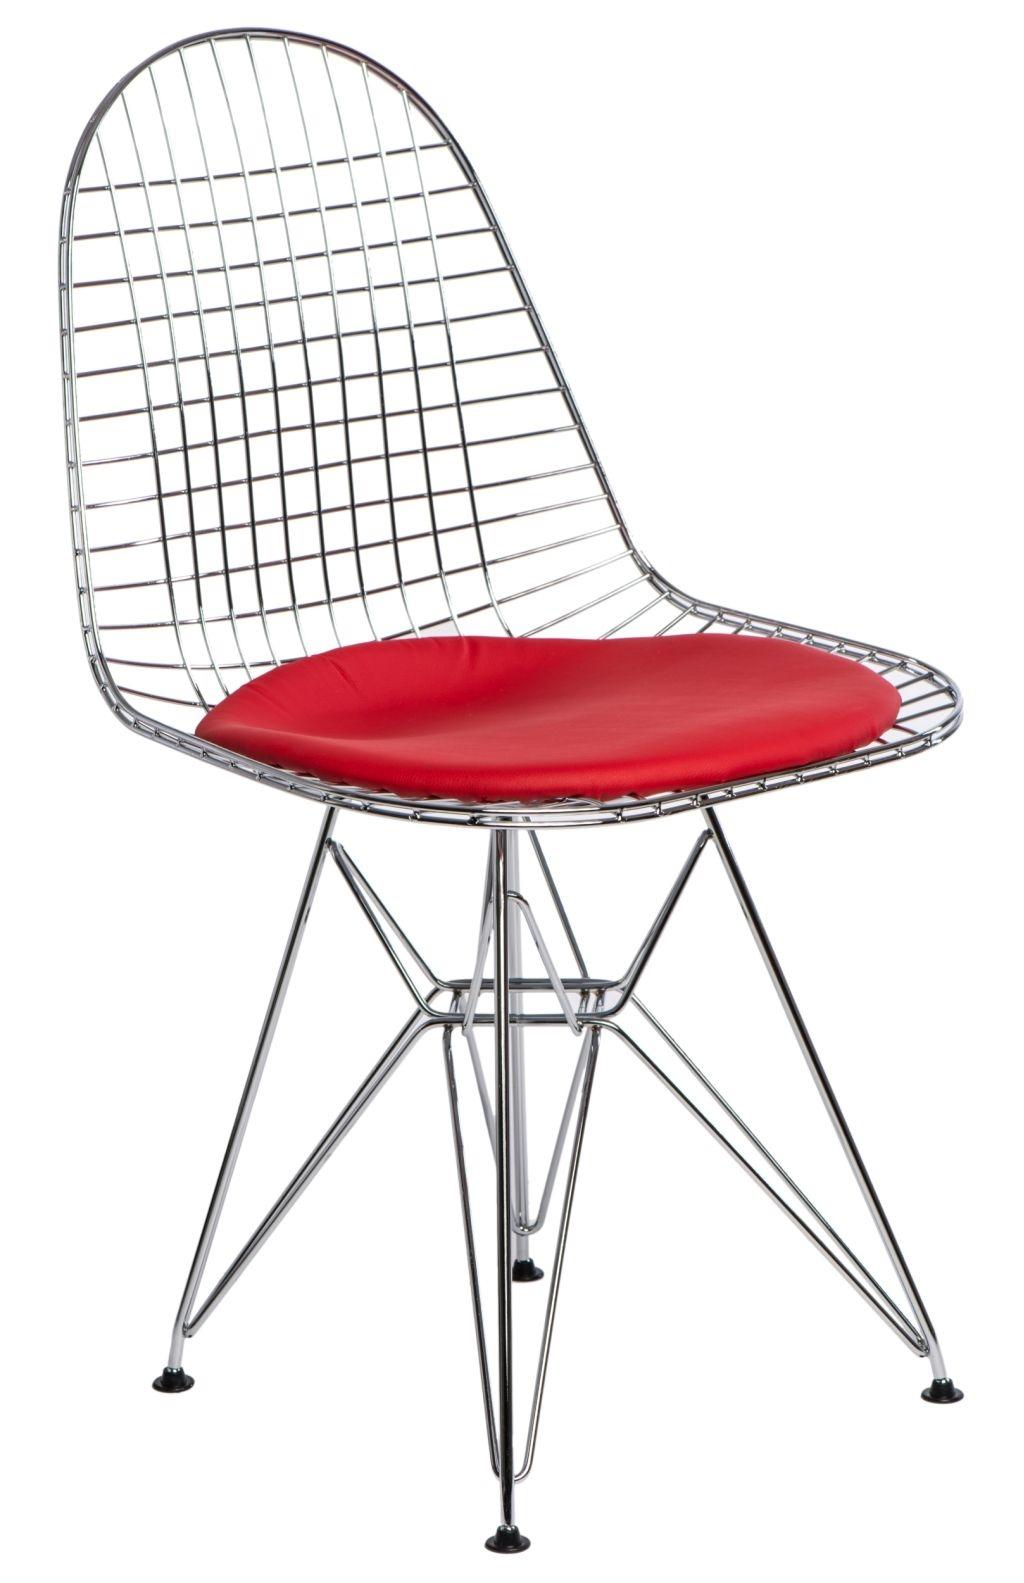 Jídelní židle Jette 2, chrom/červená